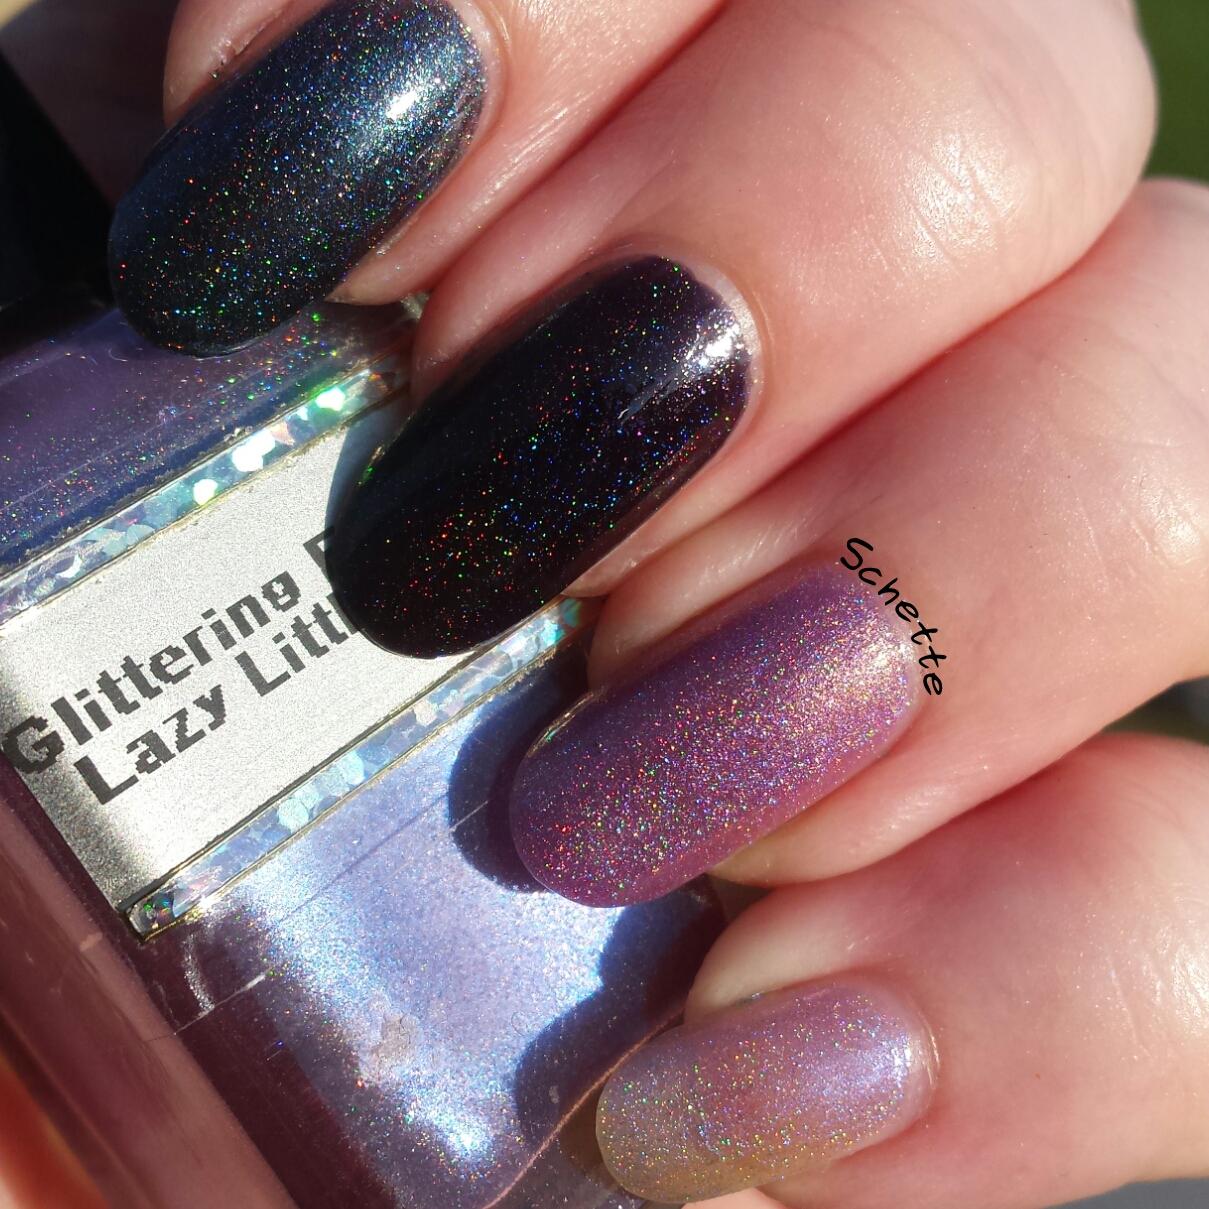 Les vernis Glittering Elements : Comparaisons nouvelle et ancienne version